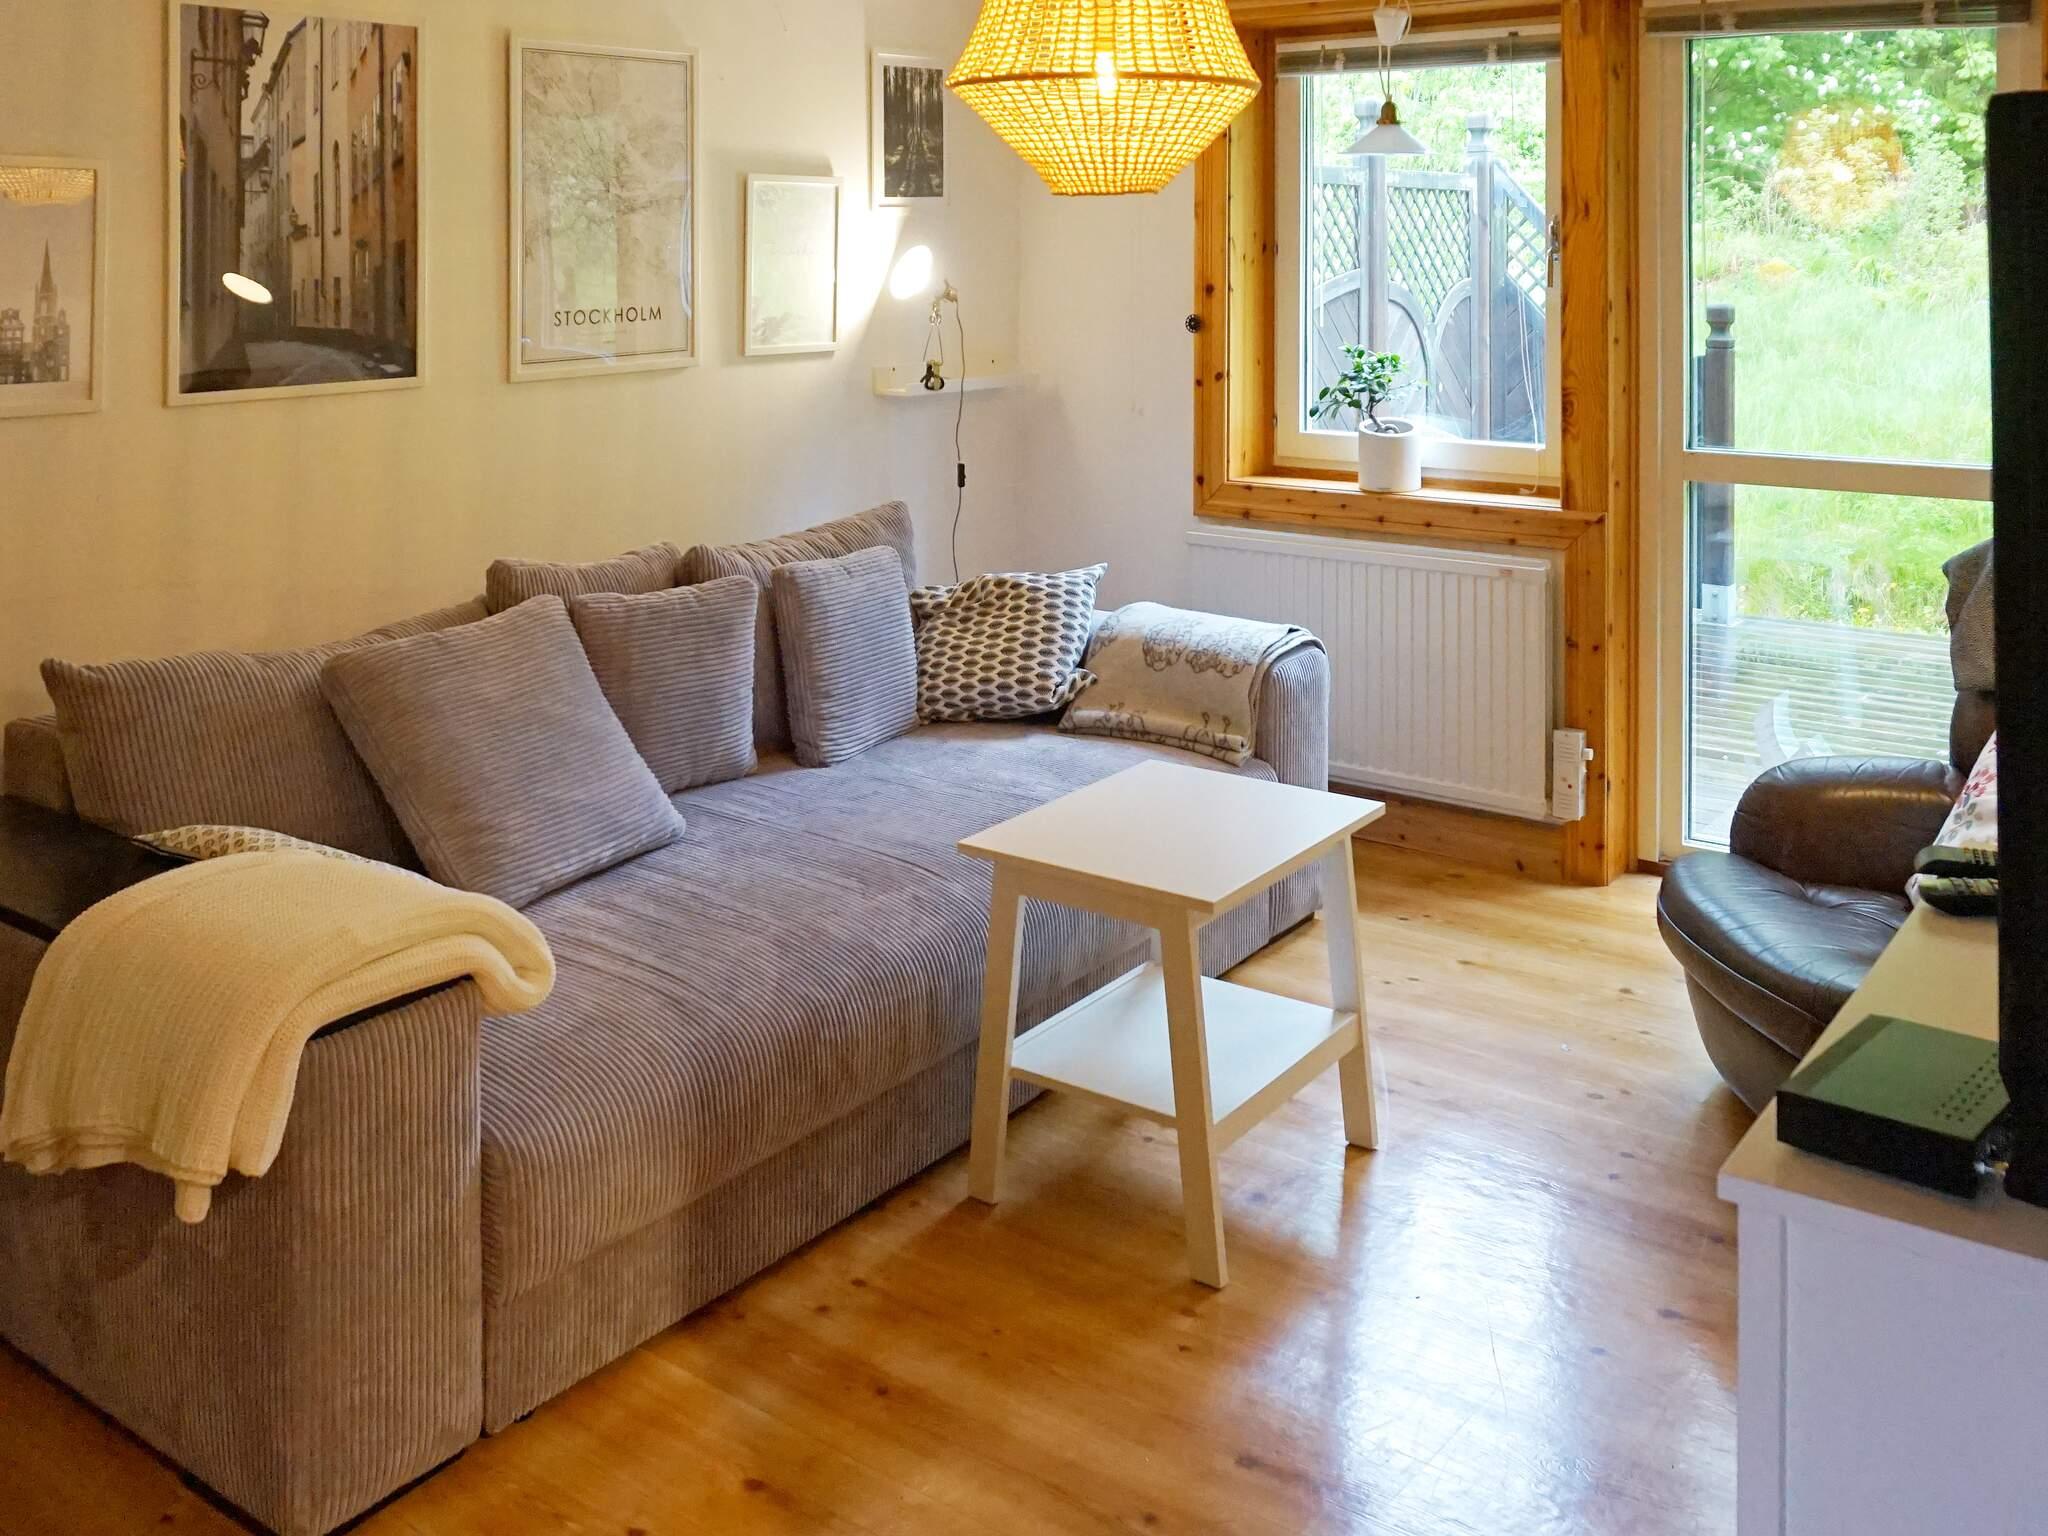 Ferienhaus Kolsva (2636835), Kolsva, Västmanlands län, Mittelschweden, Schweden, Bild 4